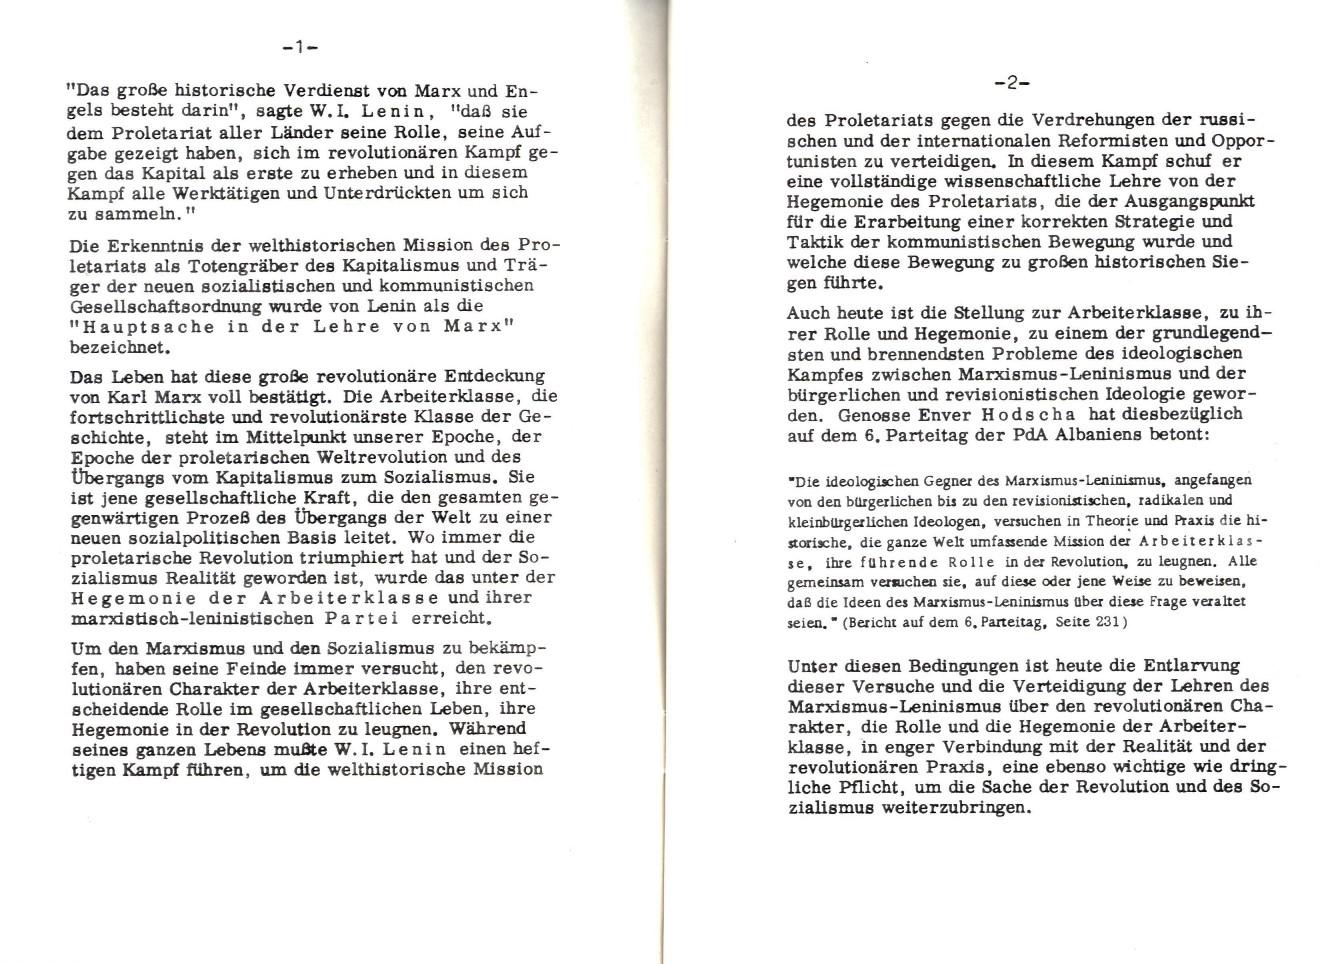 MLSK_Theorie_und_Praxis_des_ML_1978_23_04